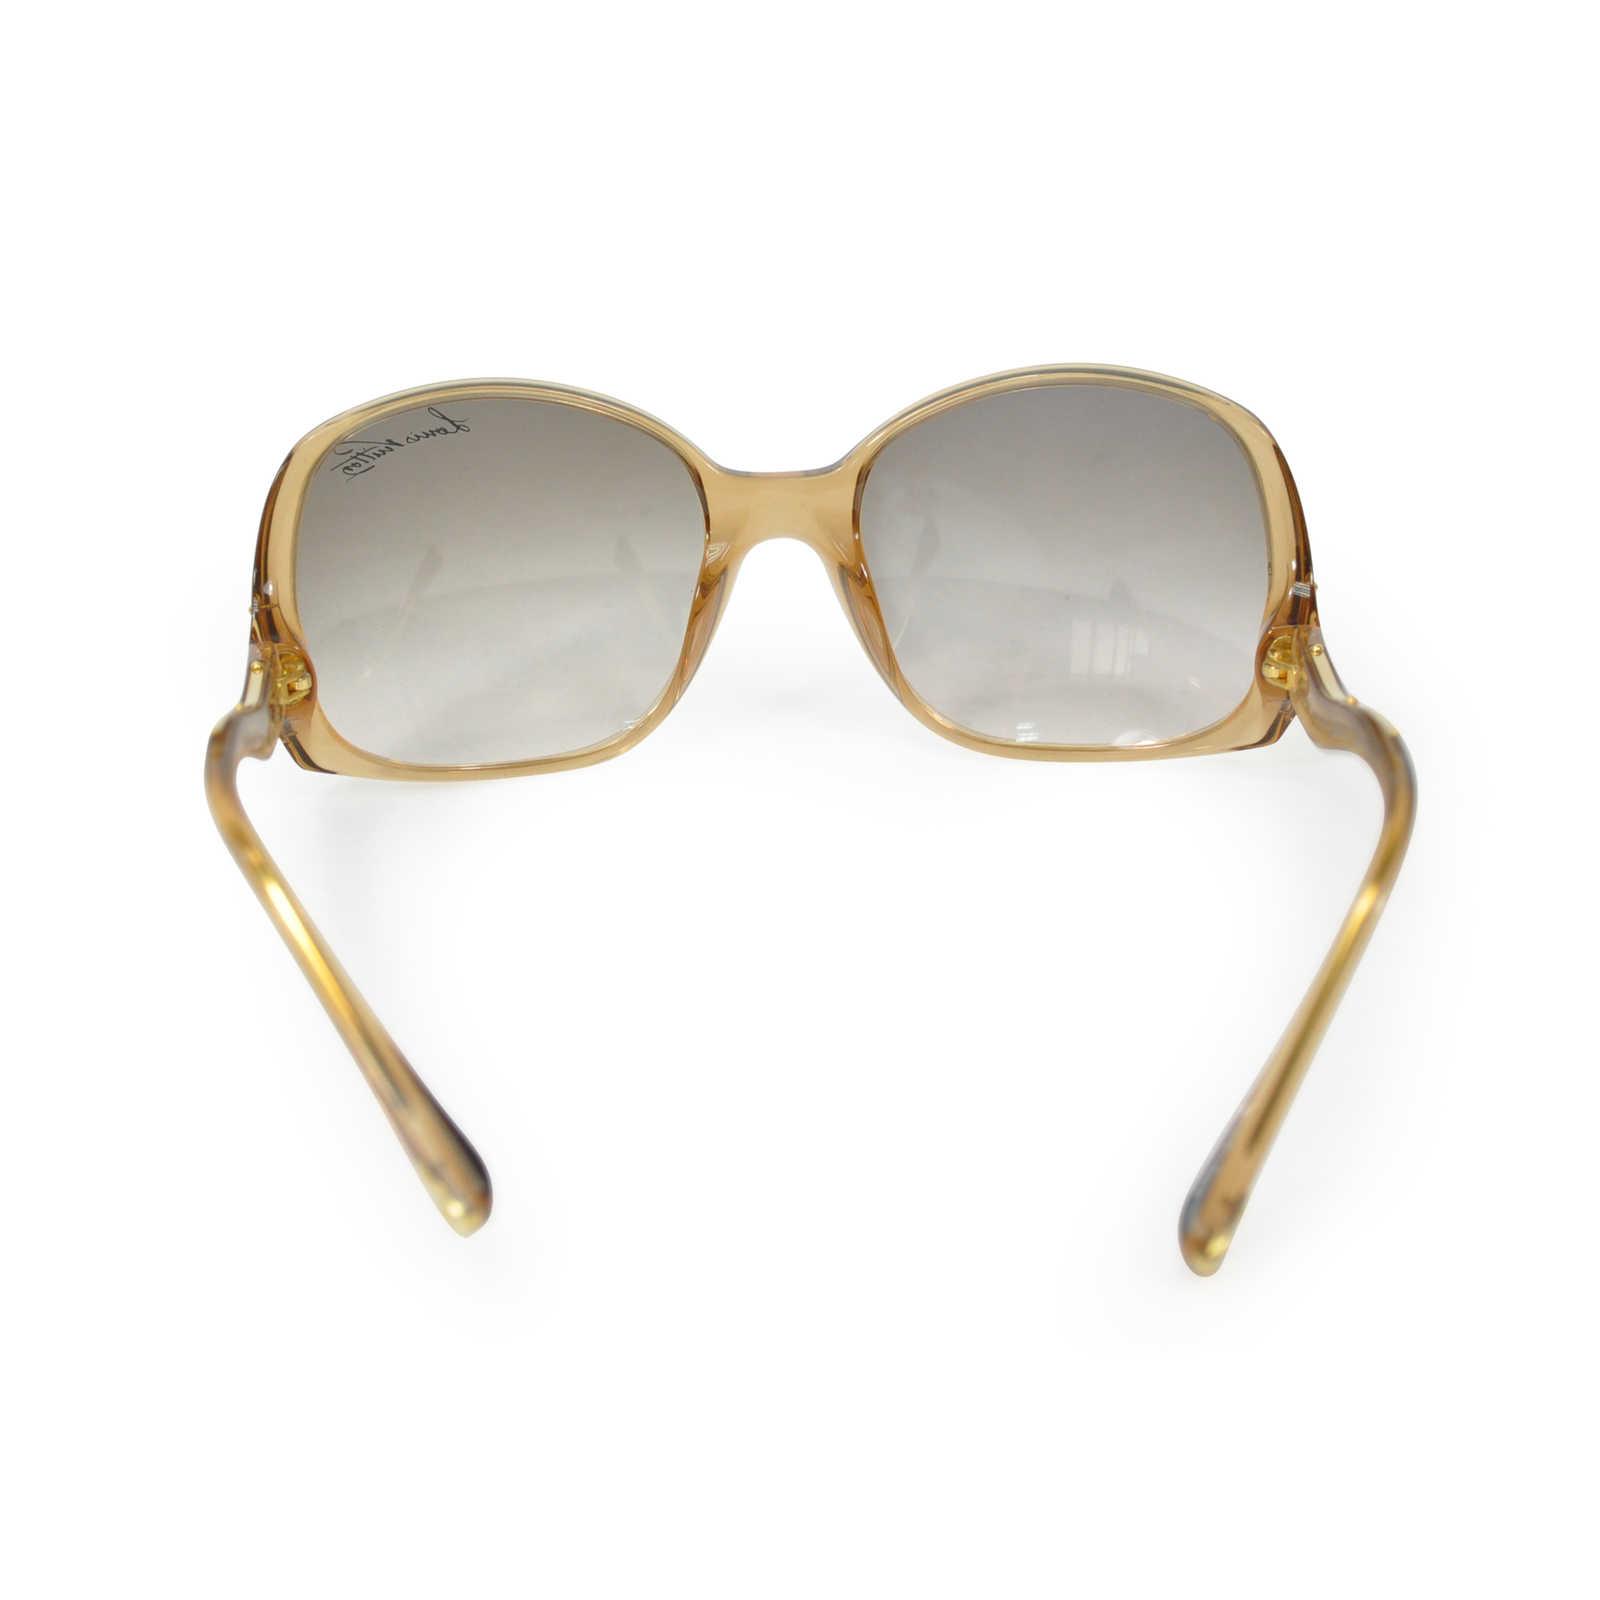 e370c3c85f6 ... Authentic Second Hand Louis Vuitton Oversized Glitter Louis Vuitton  Glasses (PSS-200-00443 ...